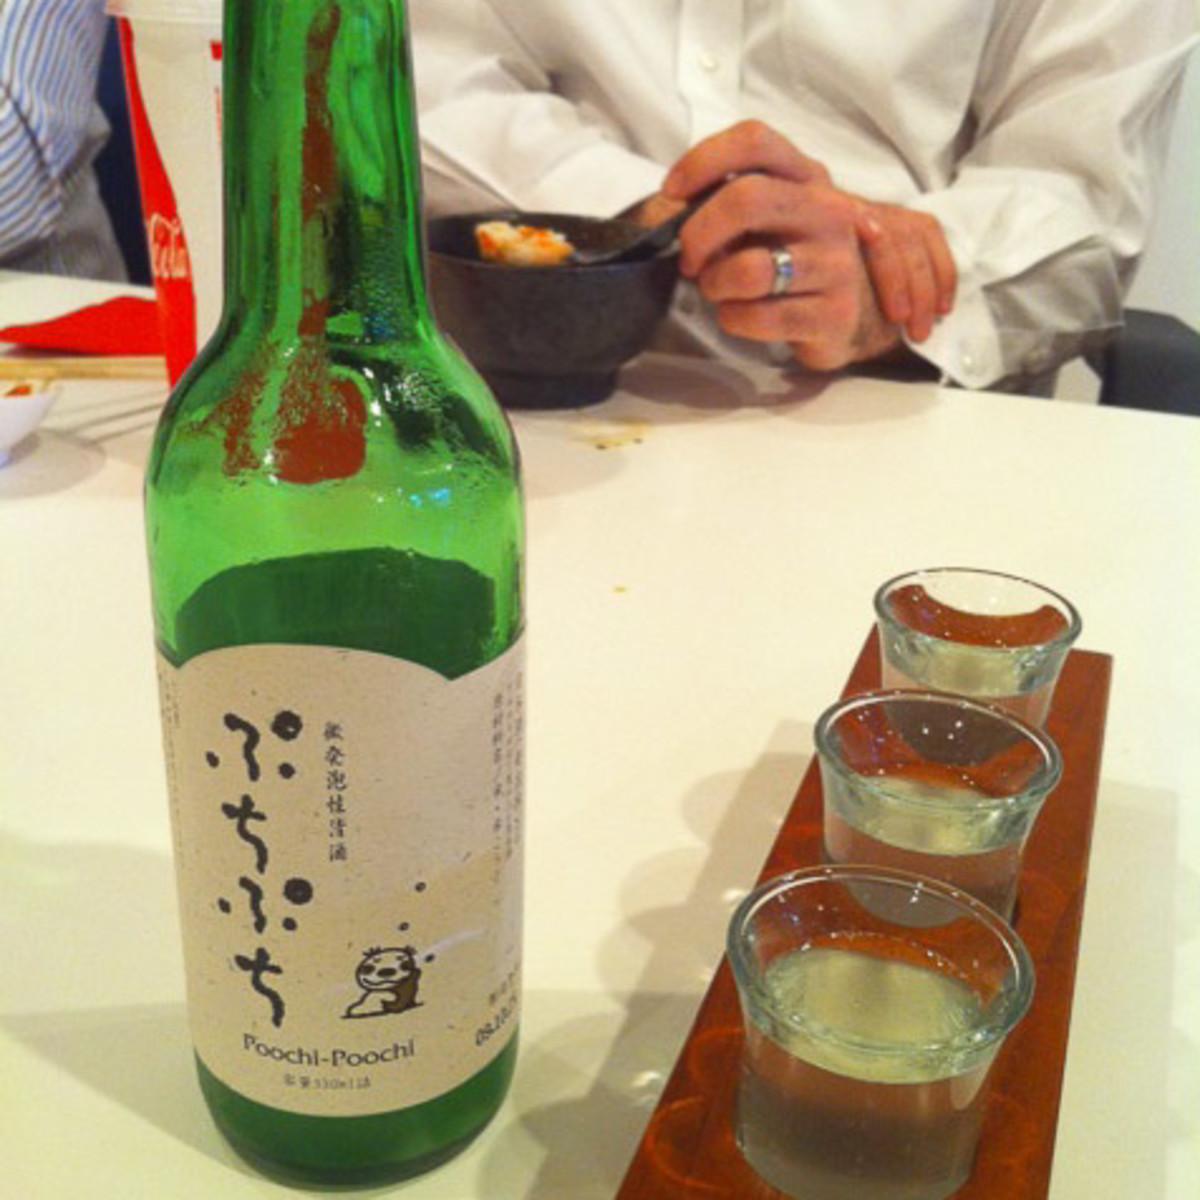 News_Sushi Raku_CultureMap_saki